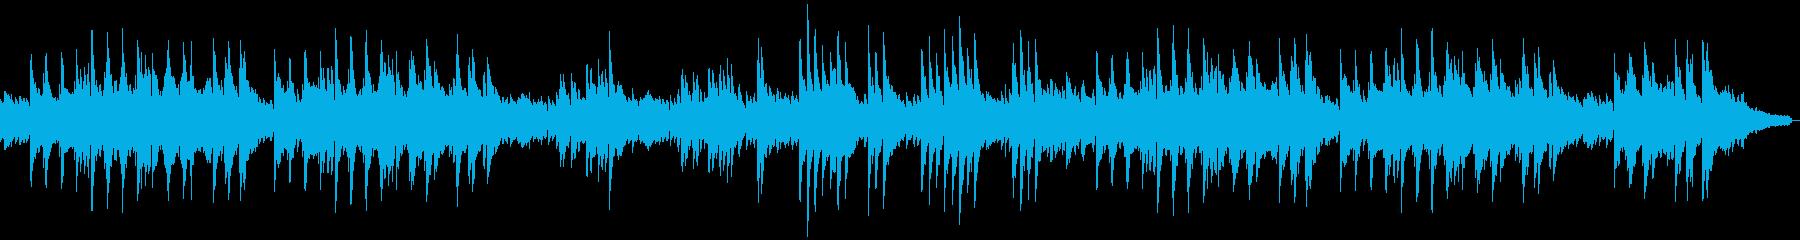 穏やかなソロピアノの再生済みの波形